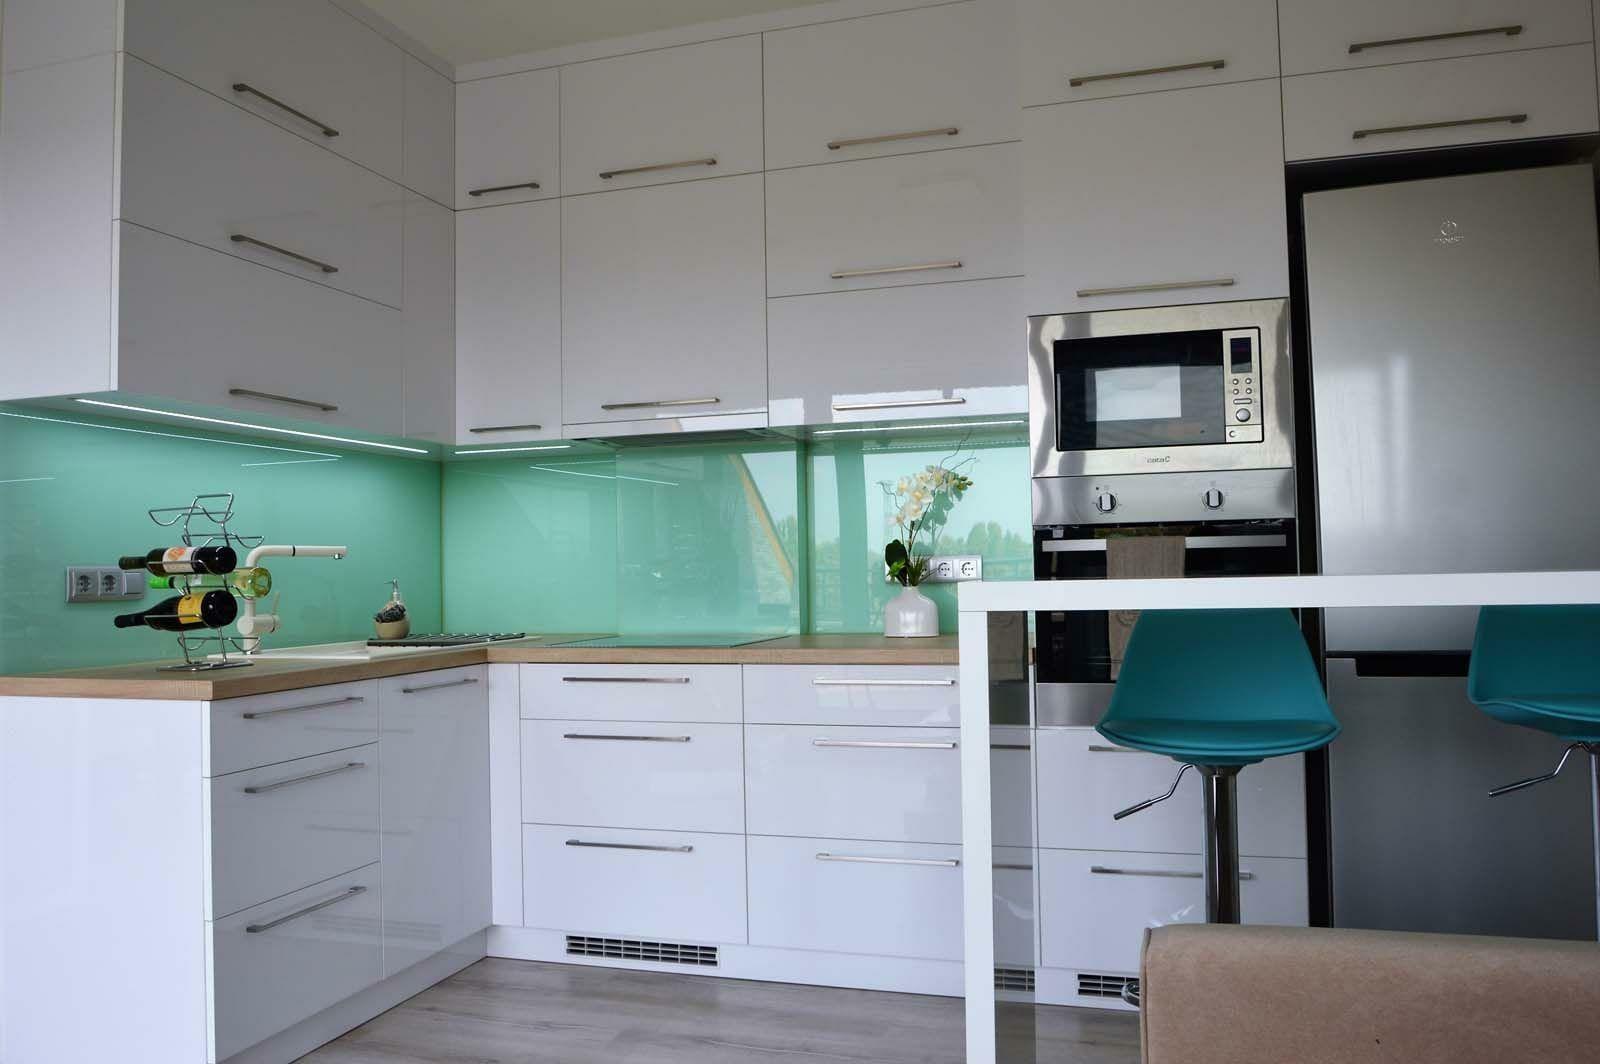 Egyedi konyhabútor készítés magasfényű akril felületű bútorlapból üveghátlappal, rejtett LED világítással, étkező pulttal